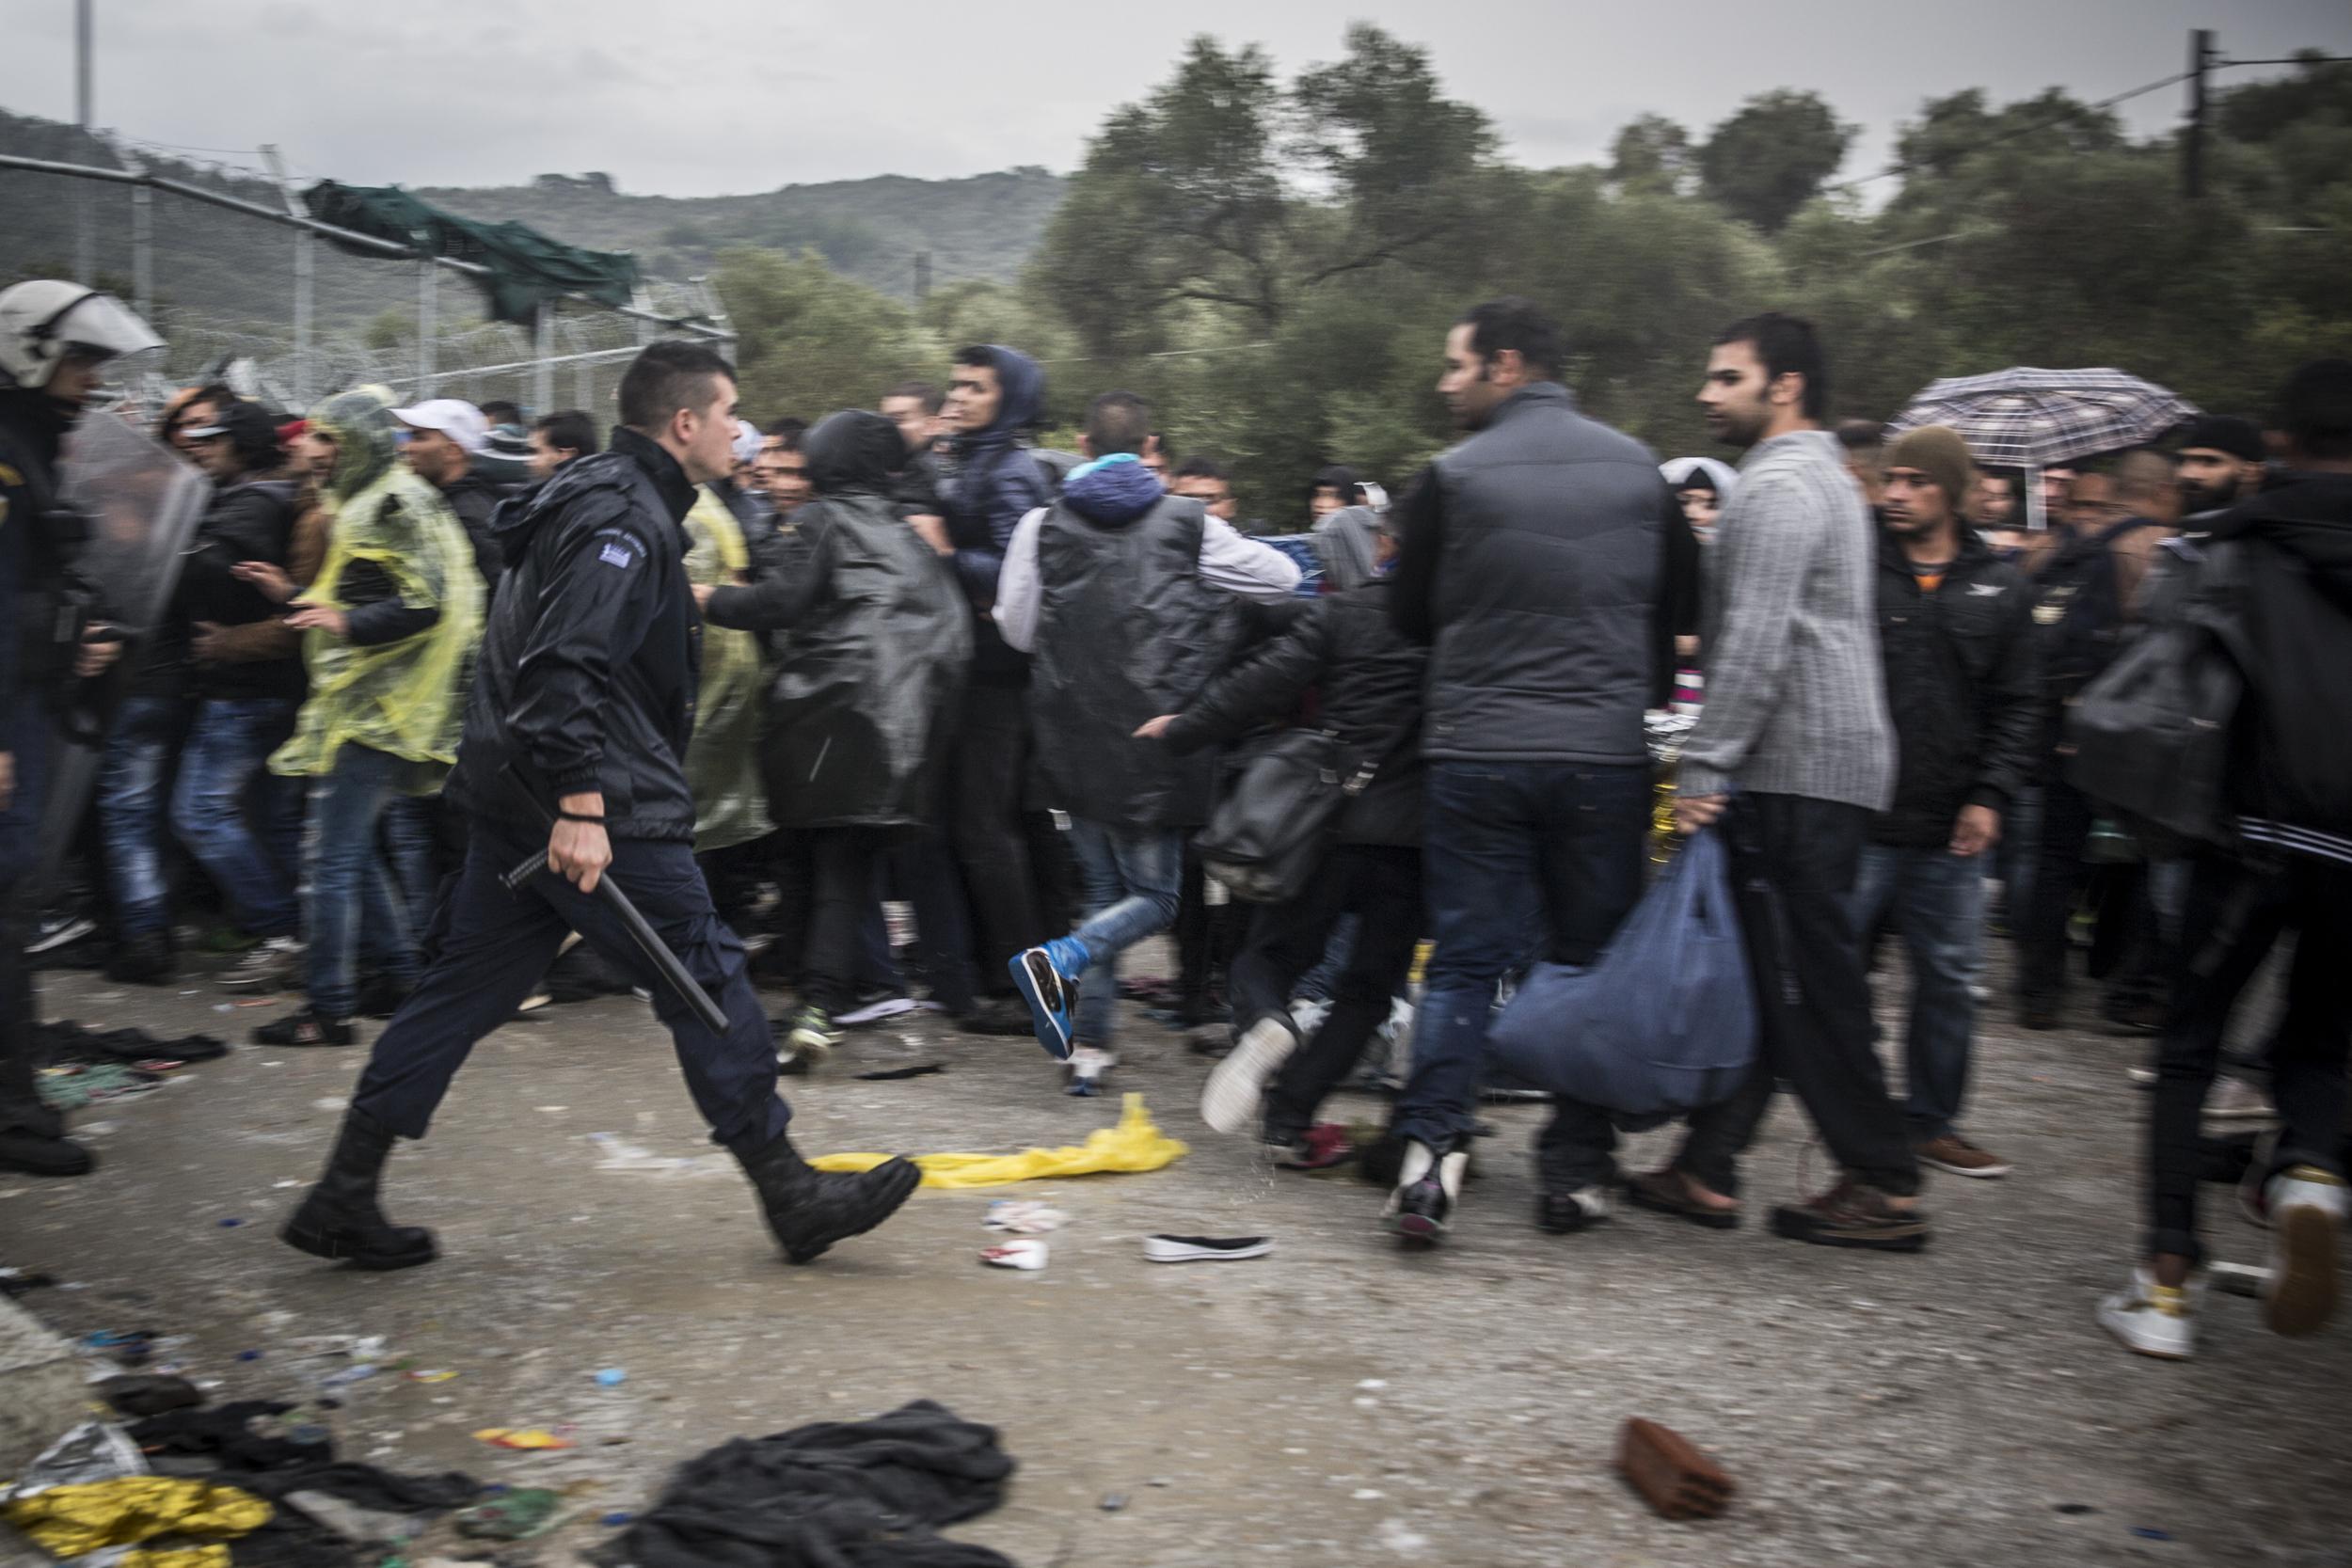 La police anti-émeute a recours à des tactiques violentes pour contrôler la foule de réfugiés attendant de pénétrer dans Moria